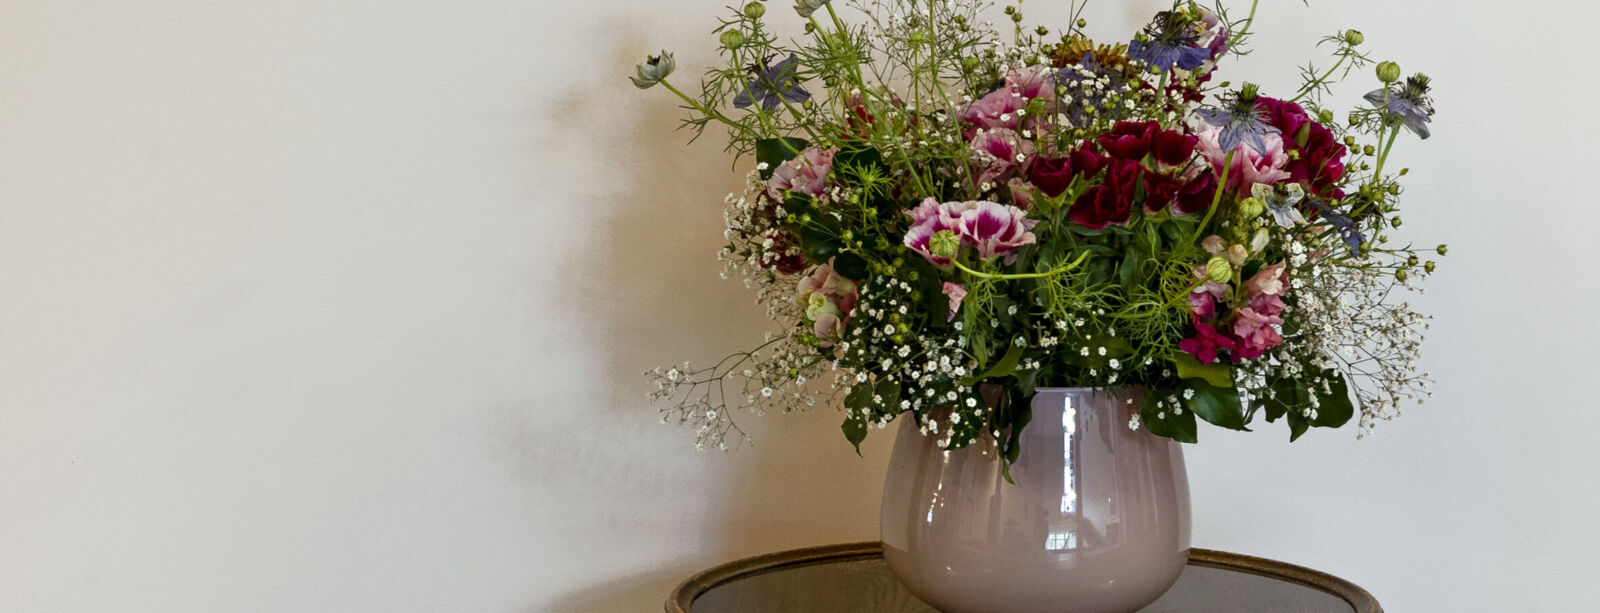 Bouquet de fleurs dans l'hôtel Waldhaus Sils